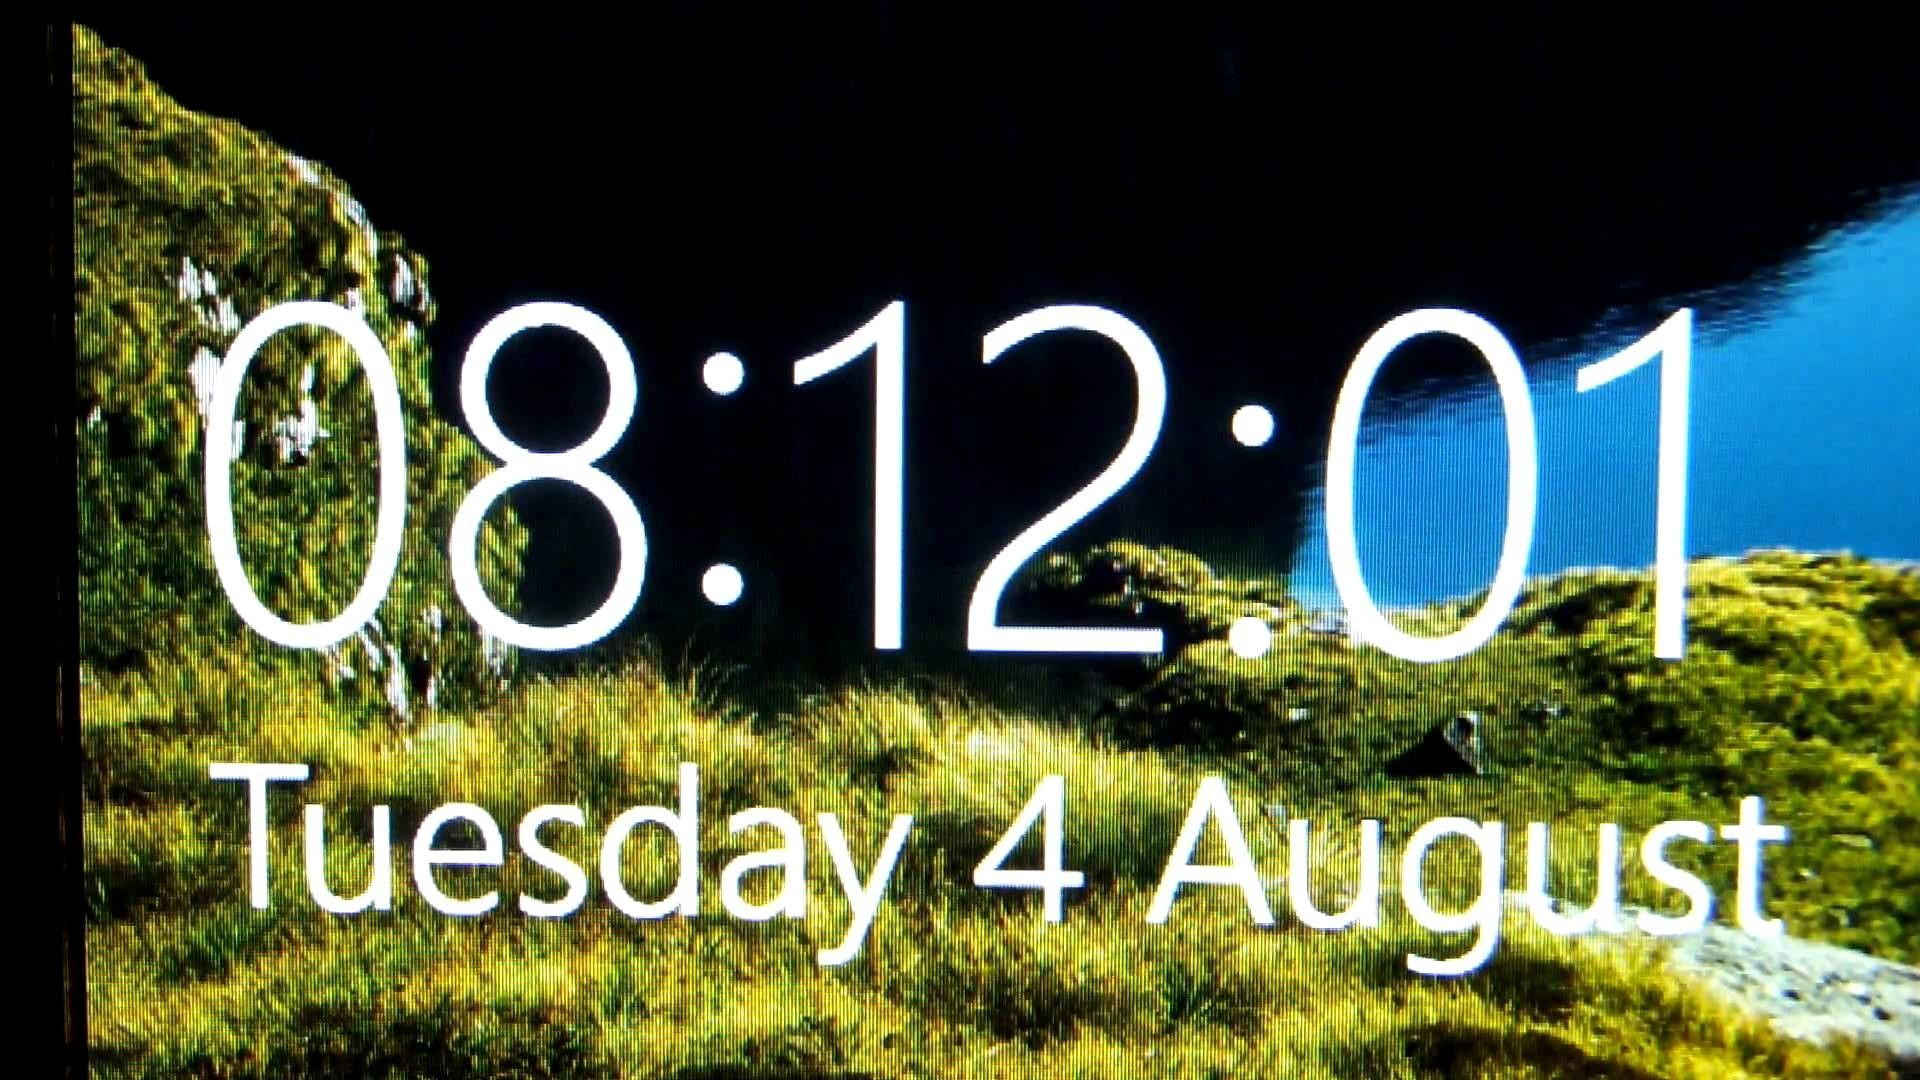 Clock Live Wallpaper Windows 10 57 Images Wallpaper Windows 10 Live Wallpapers Windows 10